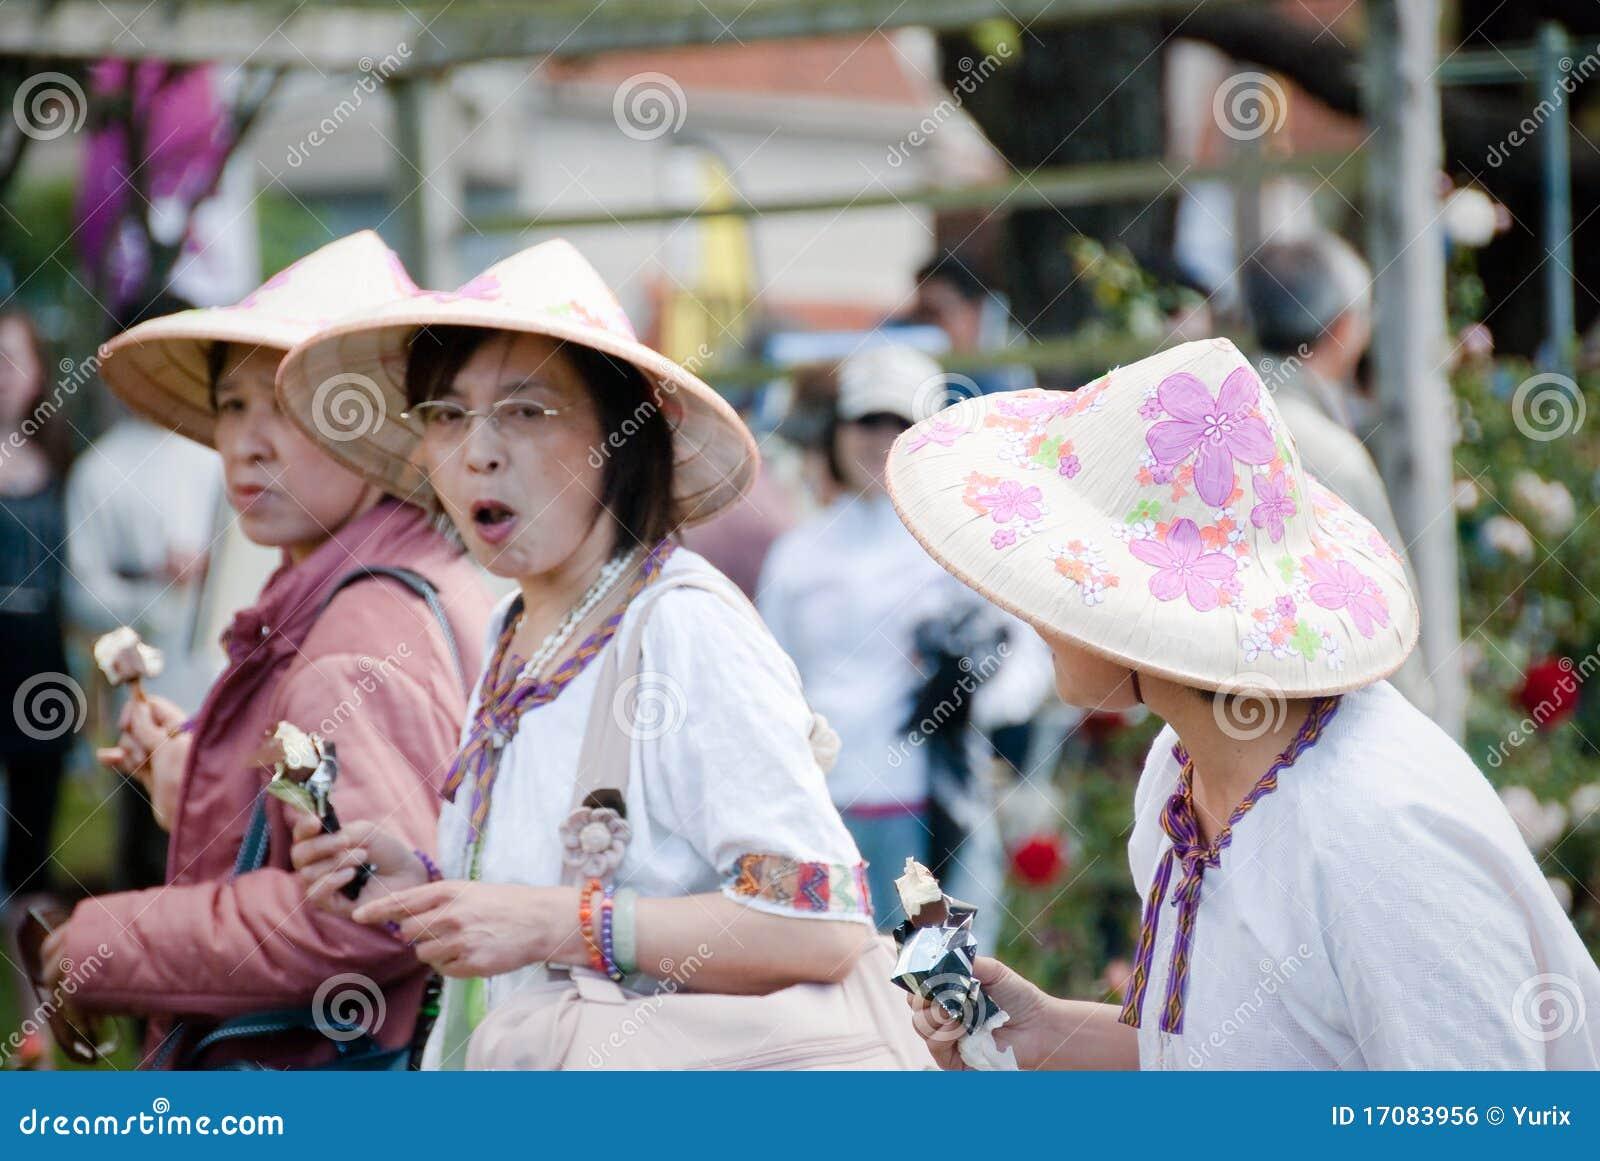 Азиатское цветастое Hats.Festival Roses.Auckland.NZ